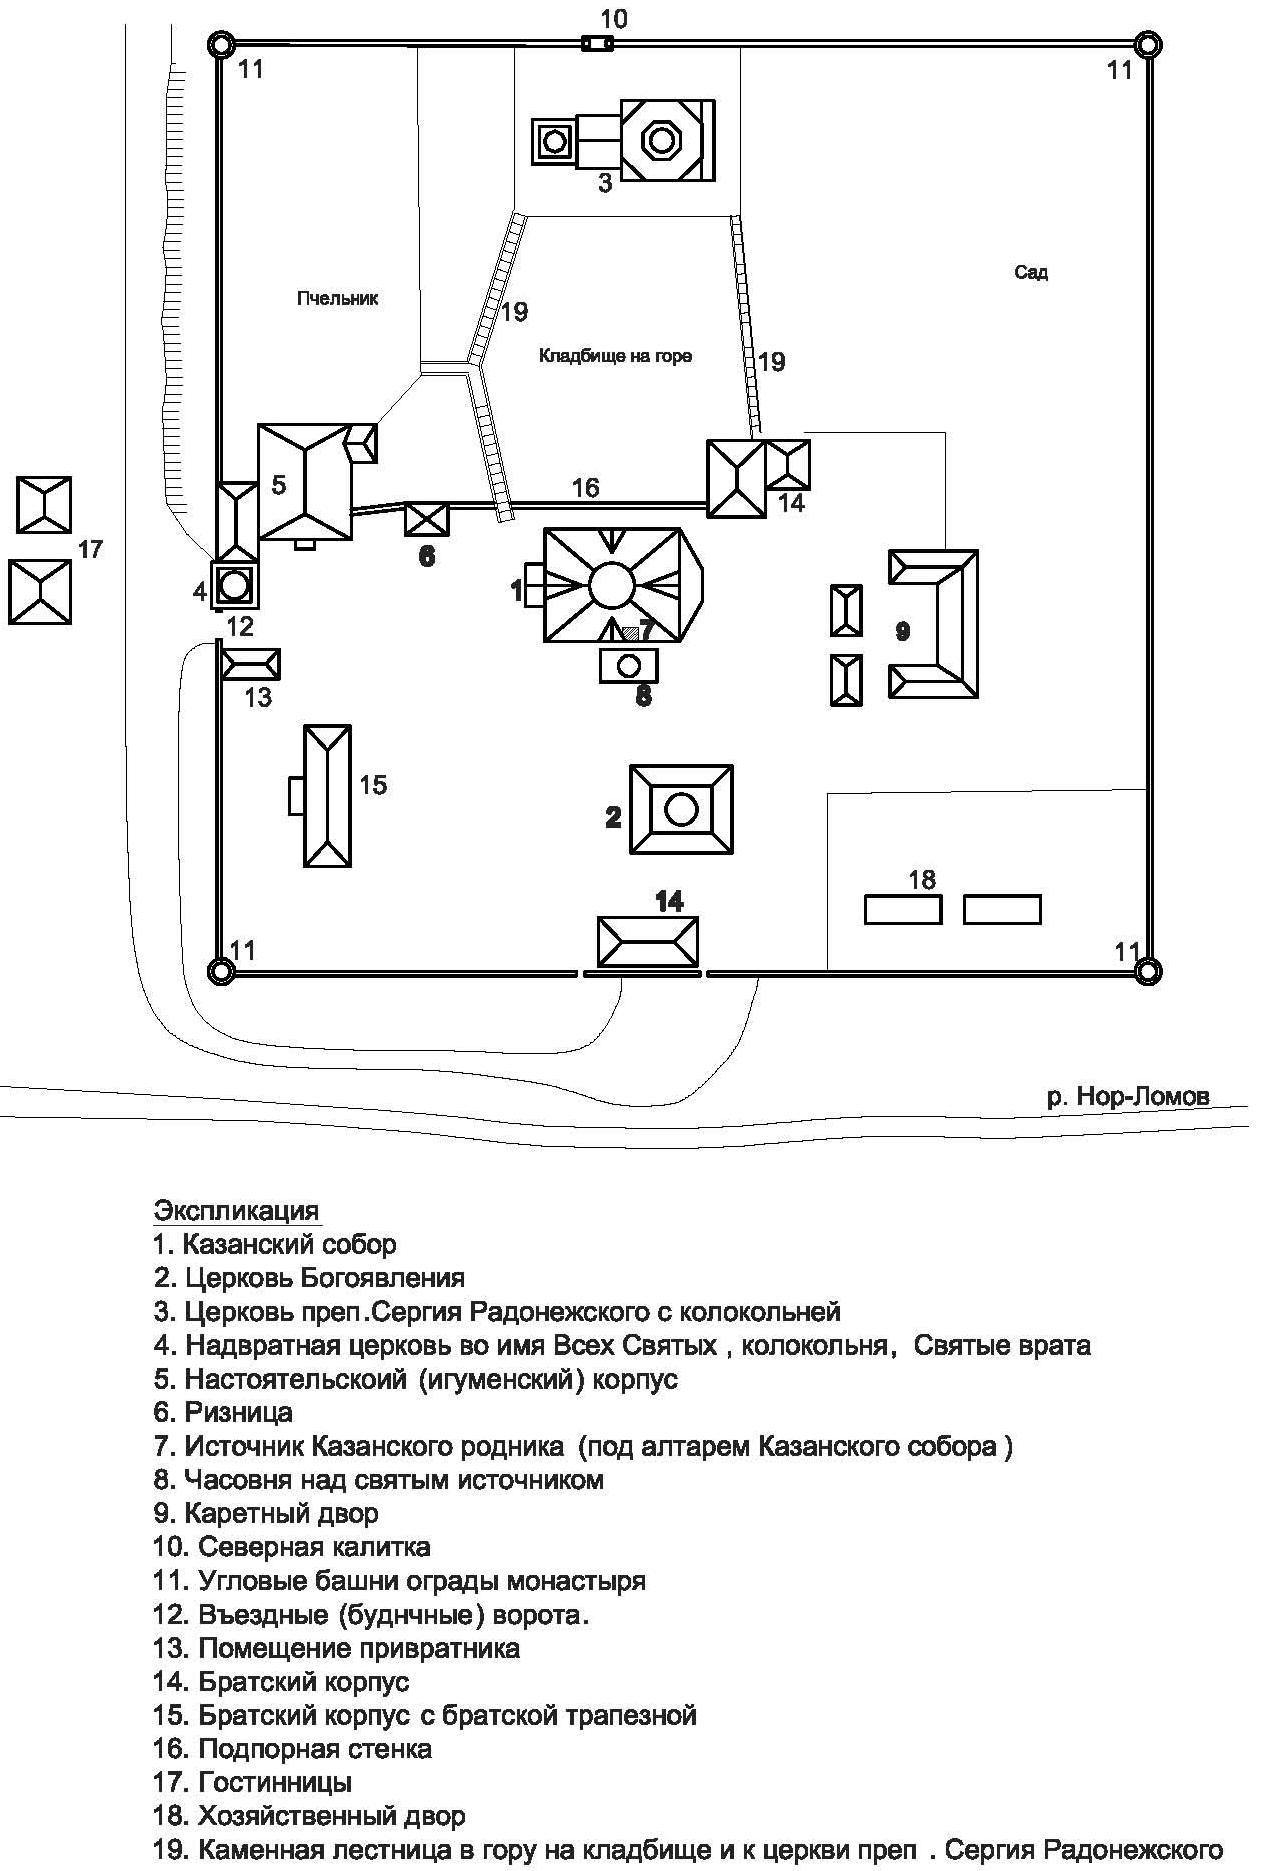 Рис. 2. Реконструкция  территории монастыря